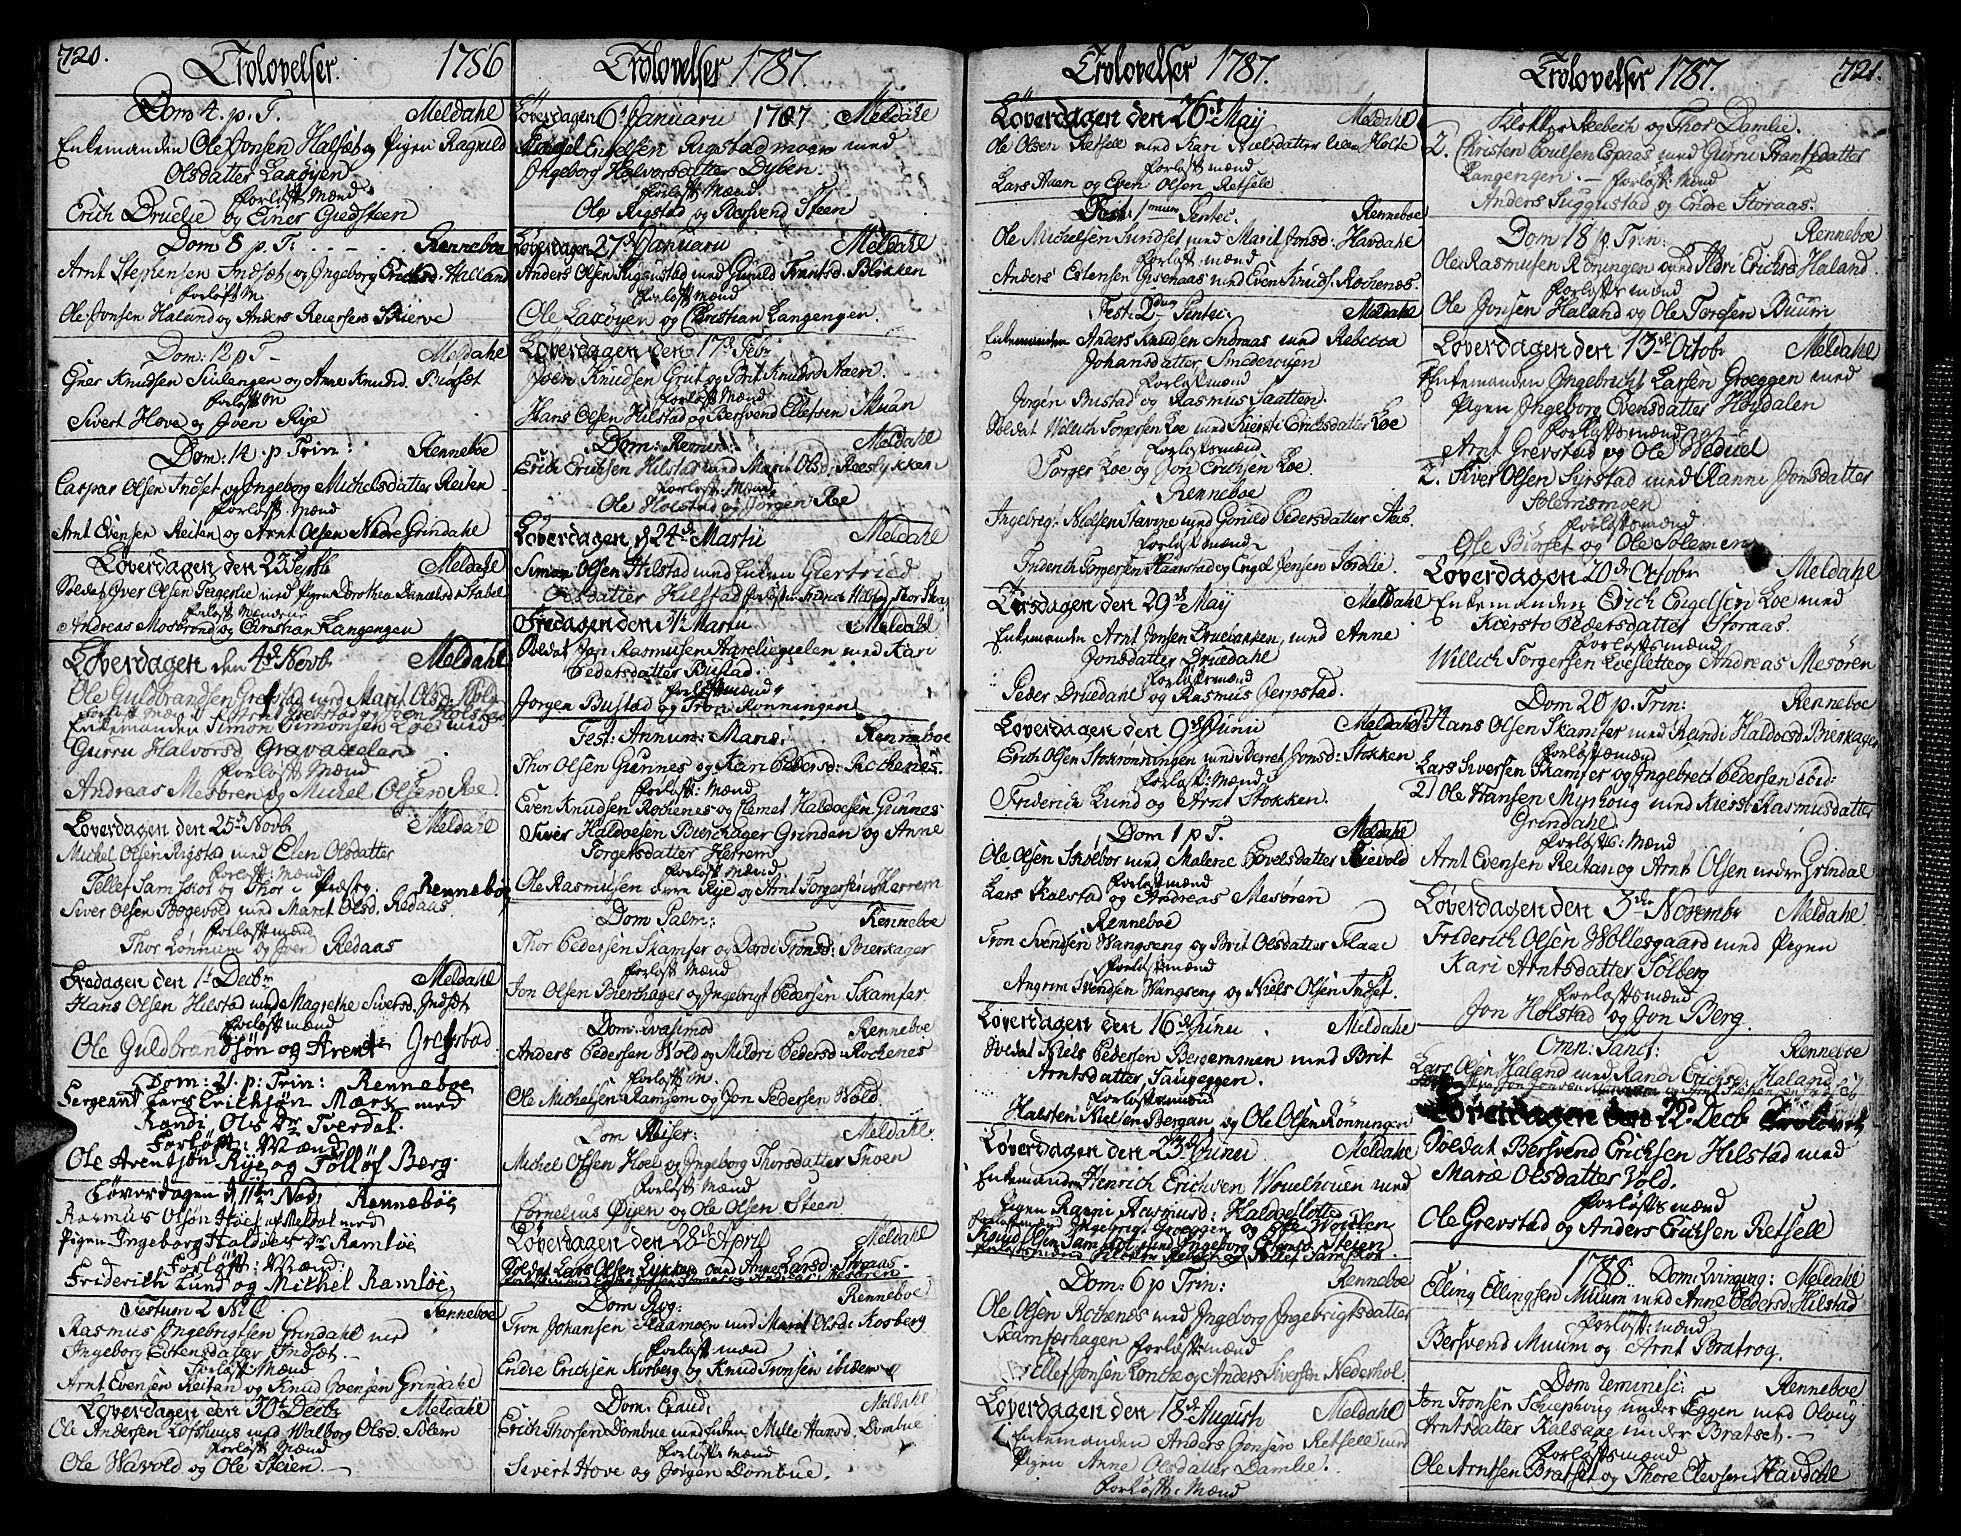 SAT, Ministerialprotokoller, klokkerbøker og fødselsregistre - Sør-Trøndelag, 672/L0852: Ministerialbok nr. 672A05, 1776-1815, s. 720-721